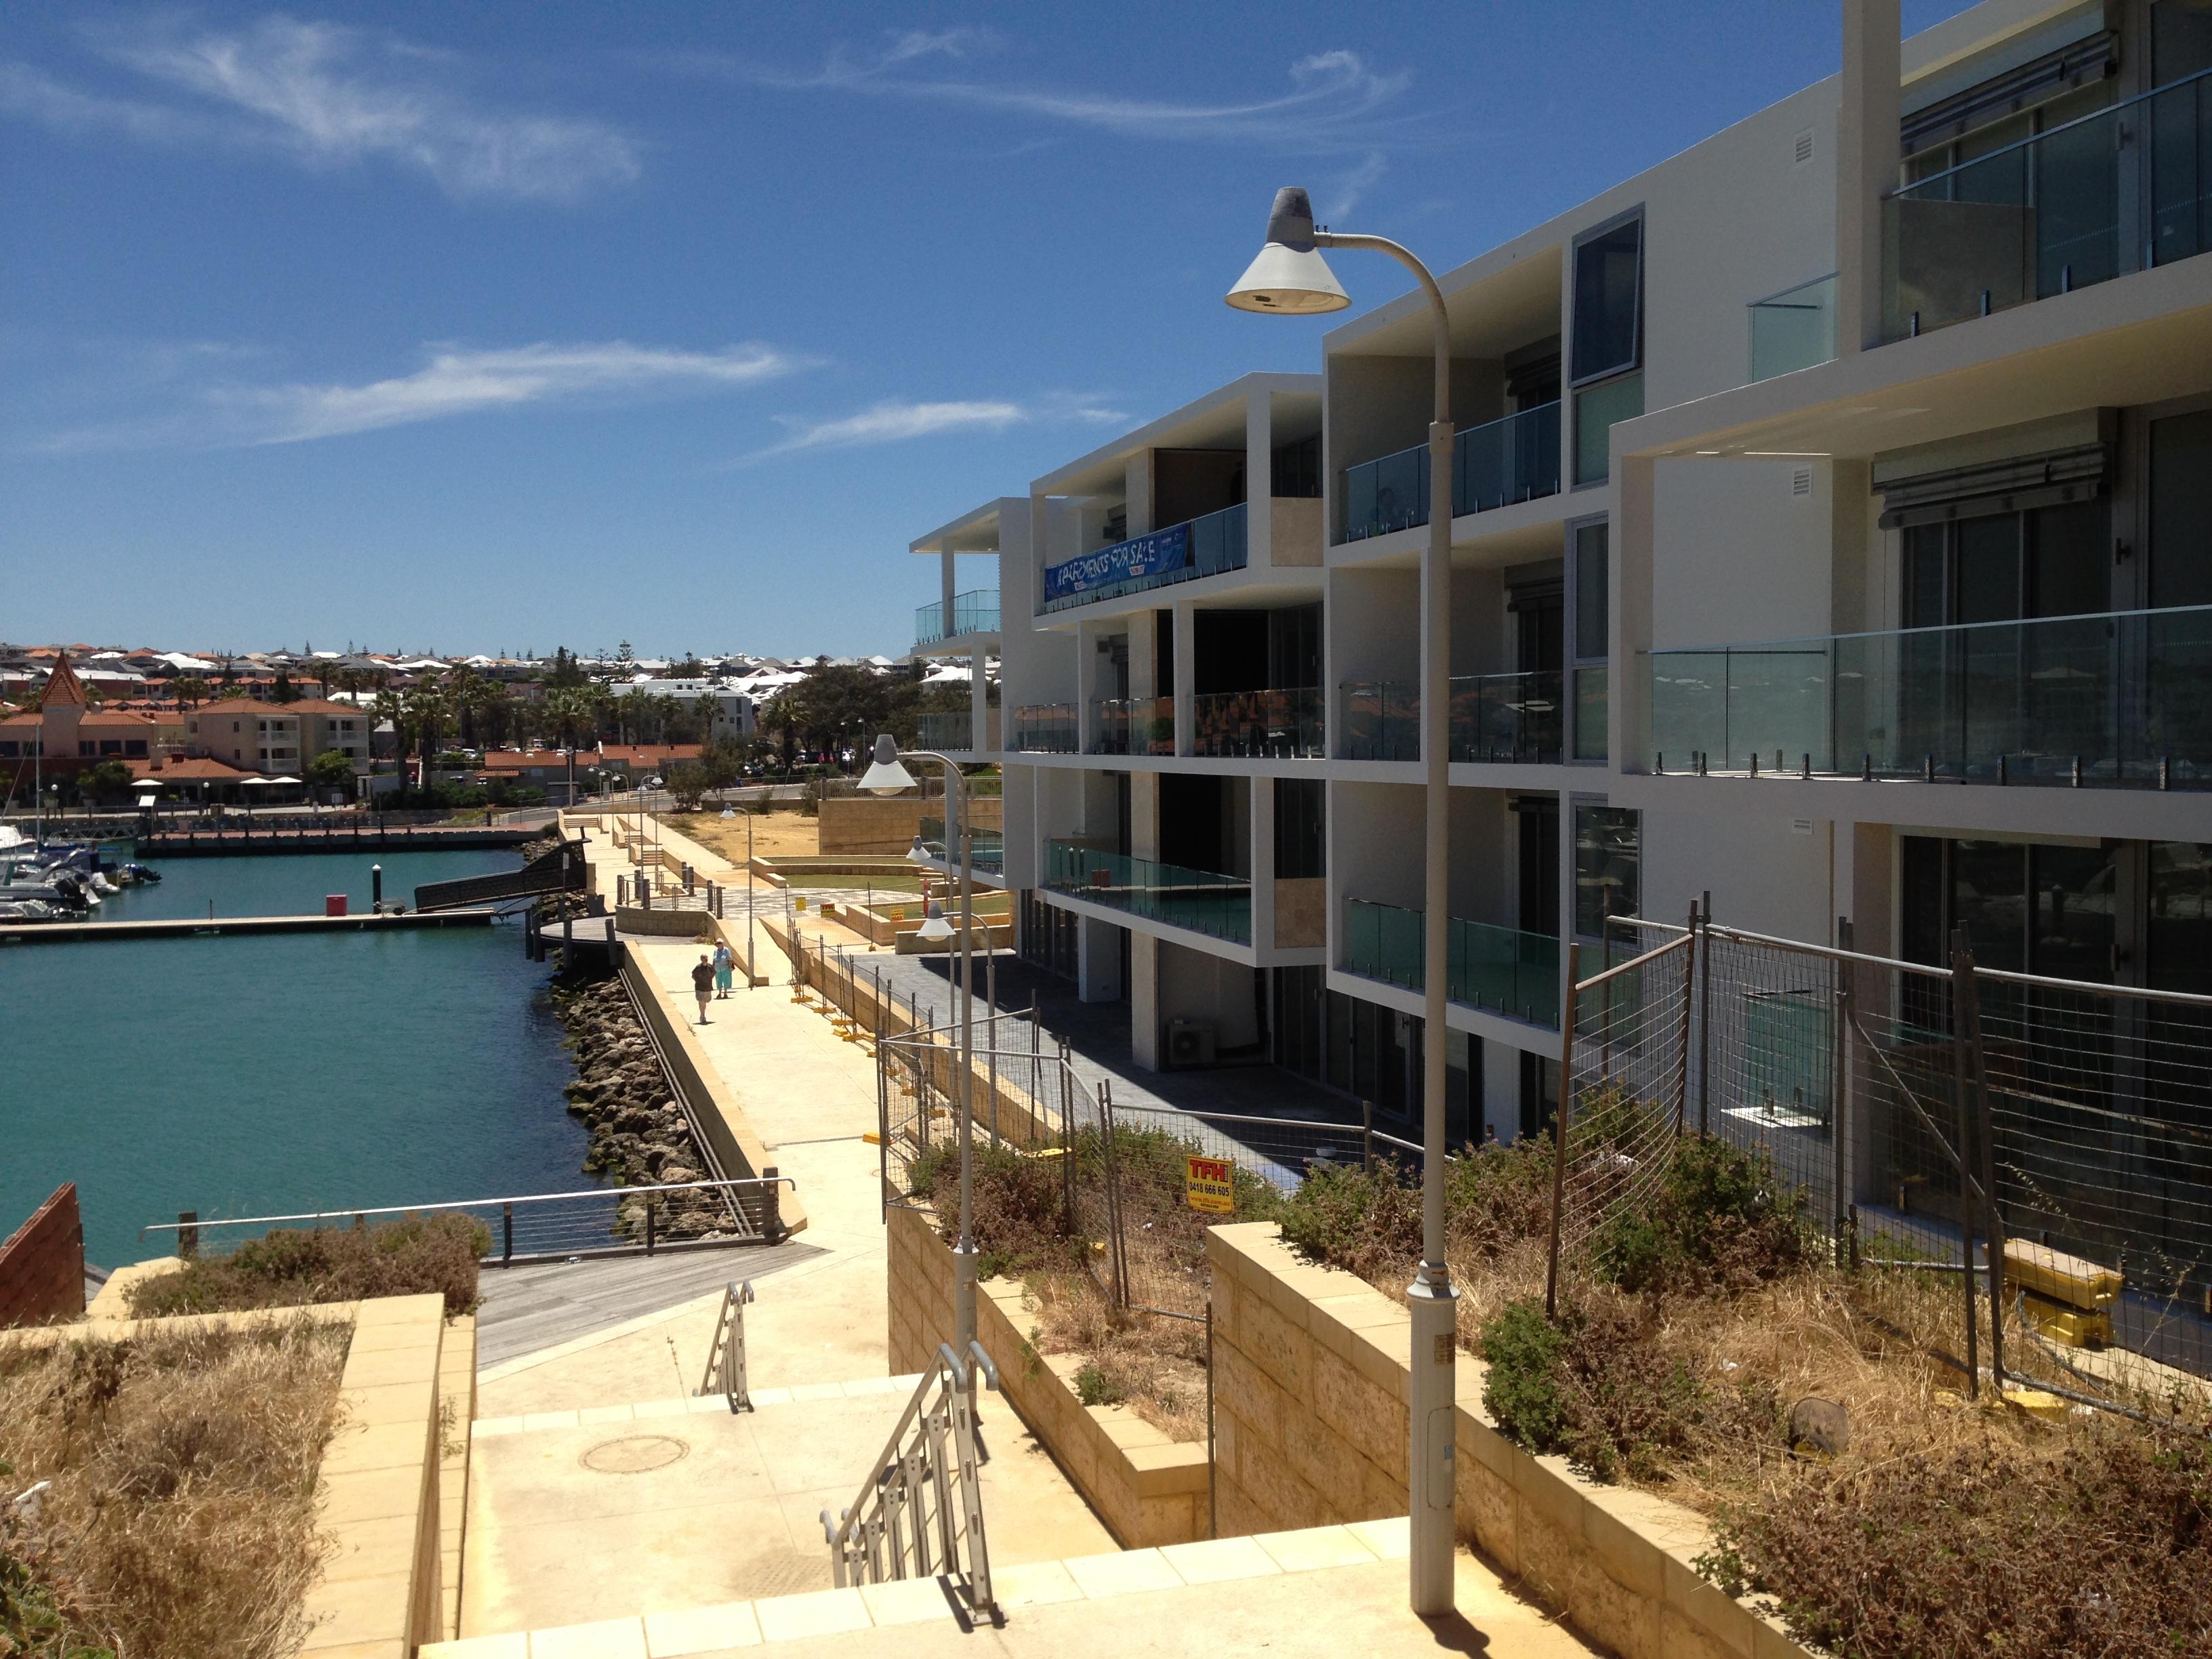 Marina Key Apartments